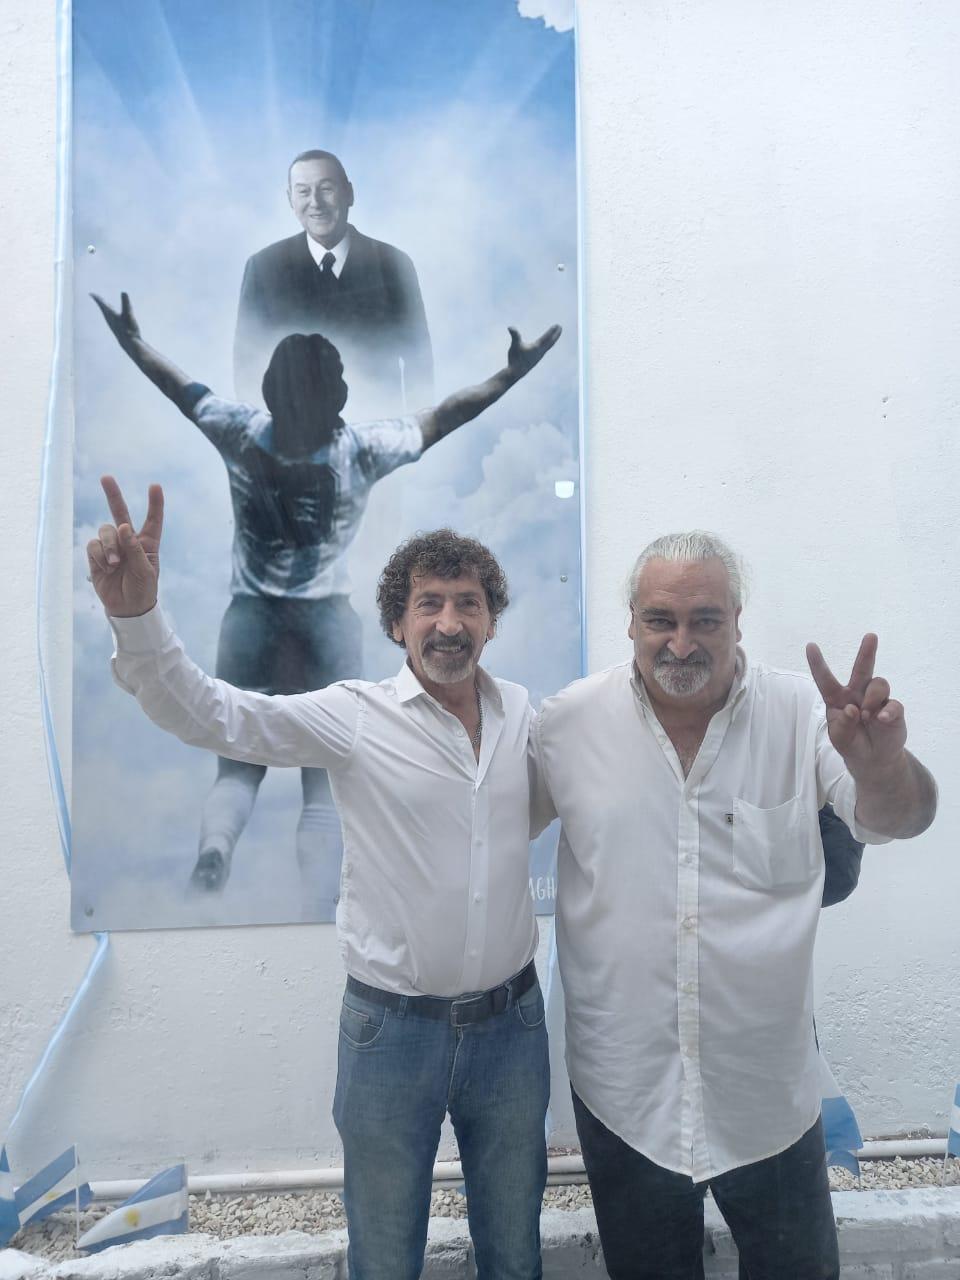 Se inauguró un mural de Maradona en el PJ de Mar del Plata